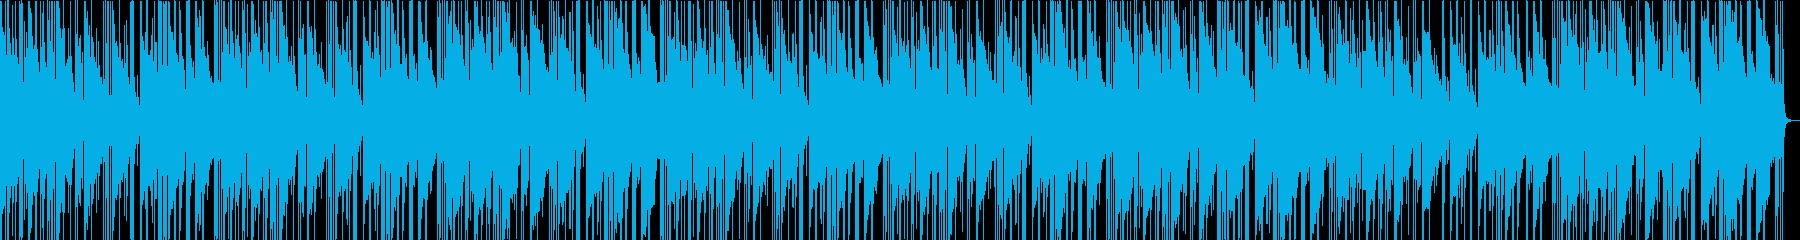 ゆったり癒されるローファイJazzの再生済みの波形